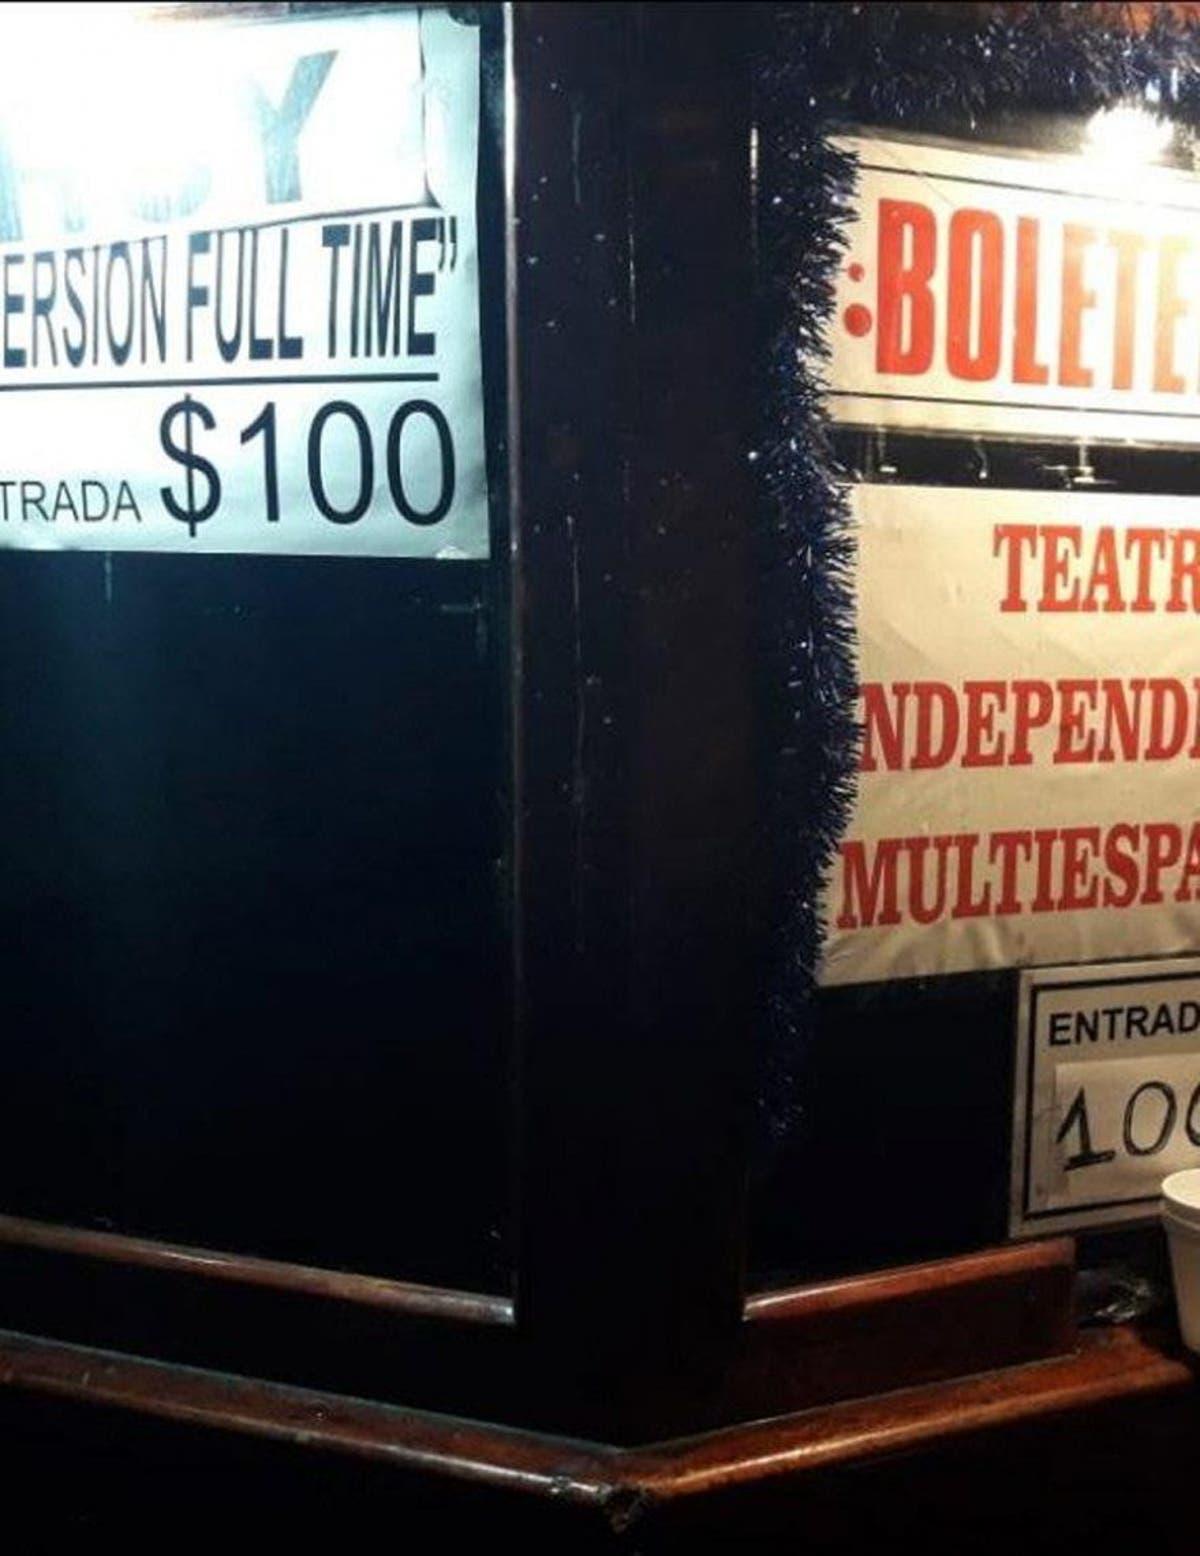 Abuso En El Cine Porno microentro: clausuraron un cine porno clandestino donde se